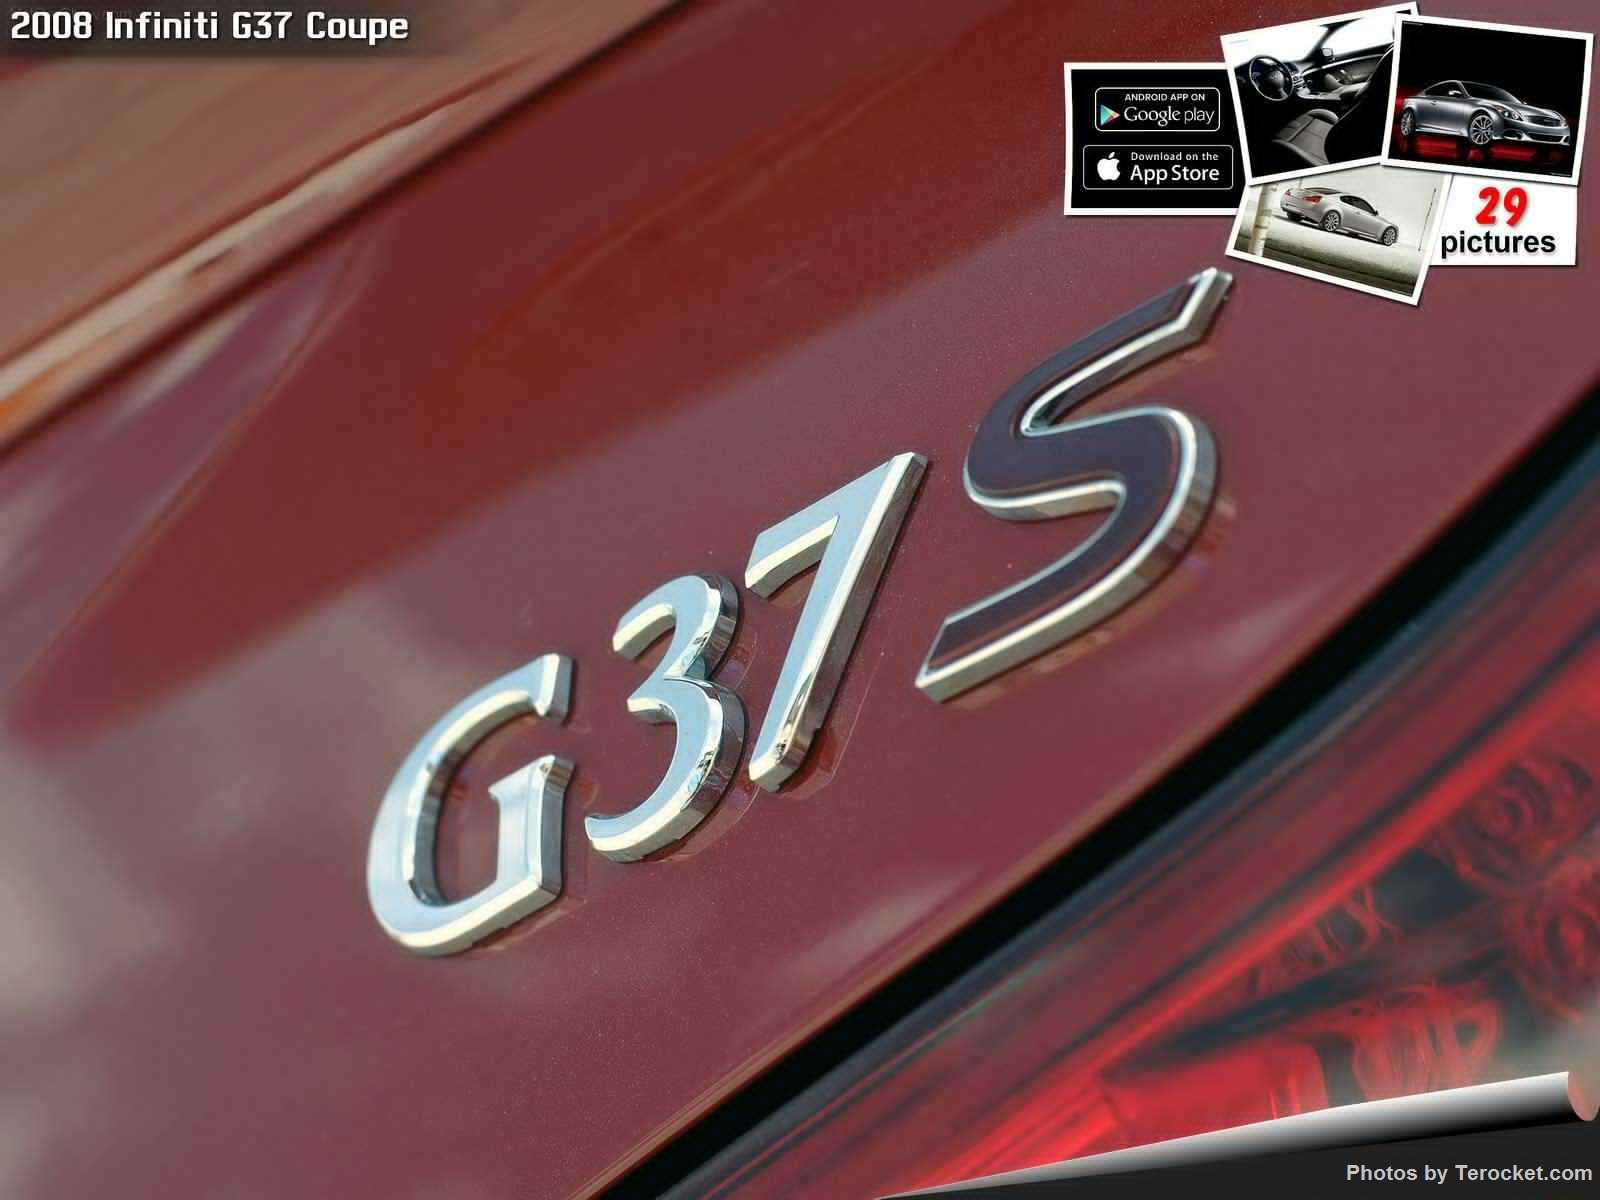 Hình ảnh xe ô tô Infiniti G37 Coupe 2008 & nội ngoại thất